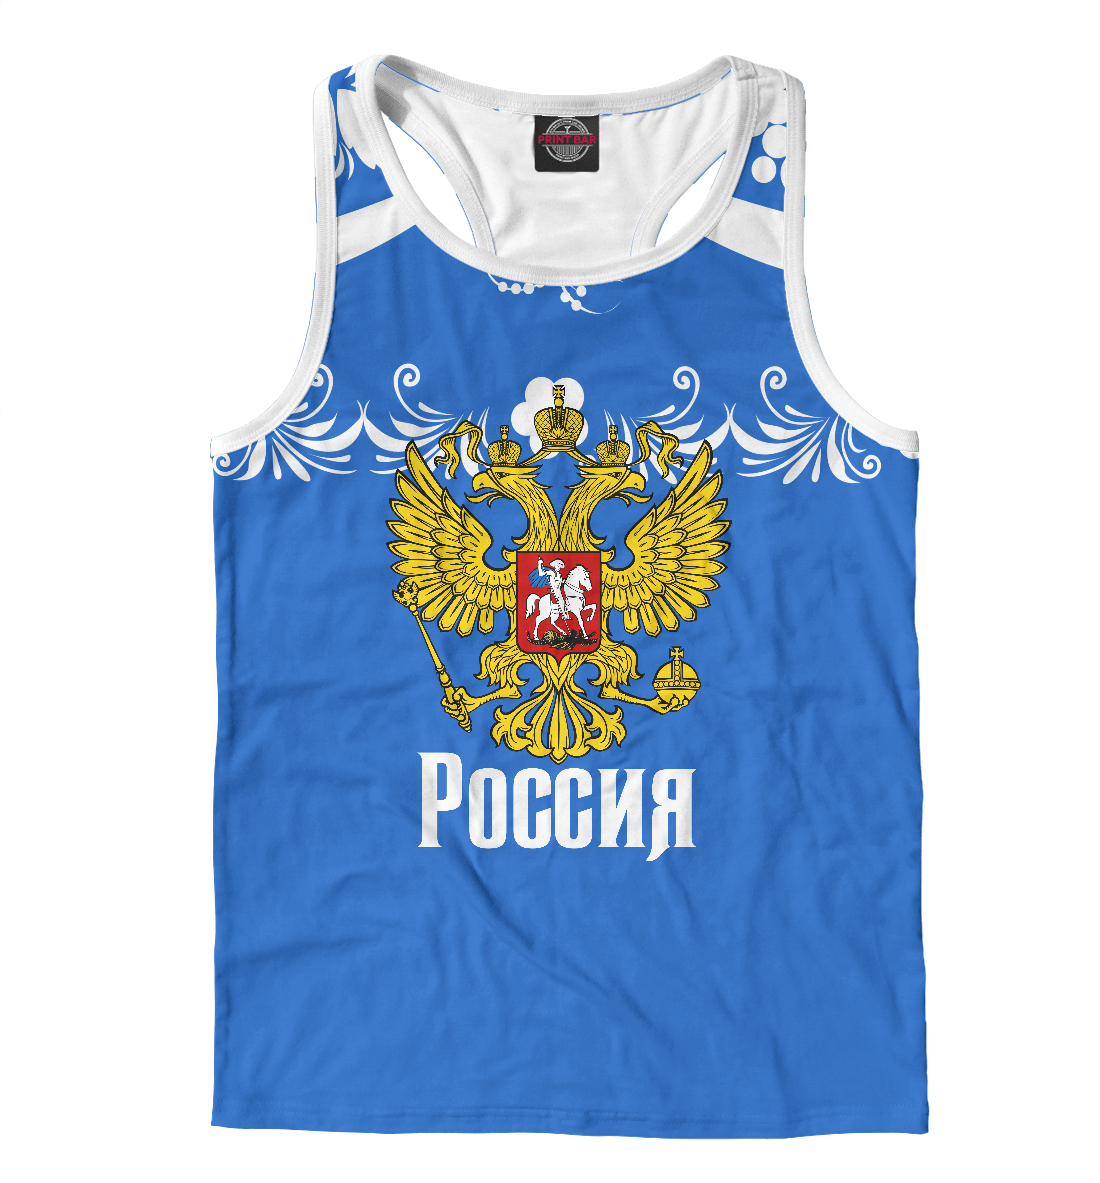 Купить Россия спорт, Printbar, Майки борцовки, BZN-901040-mayb-2